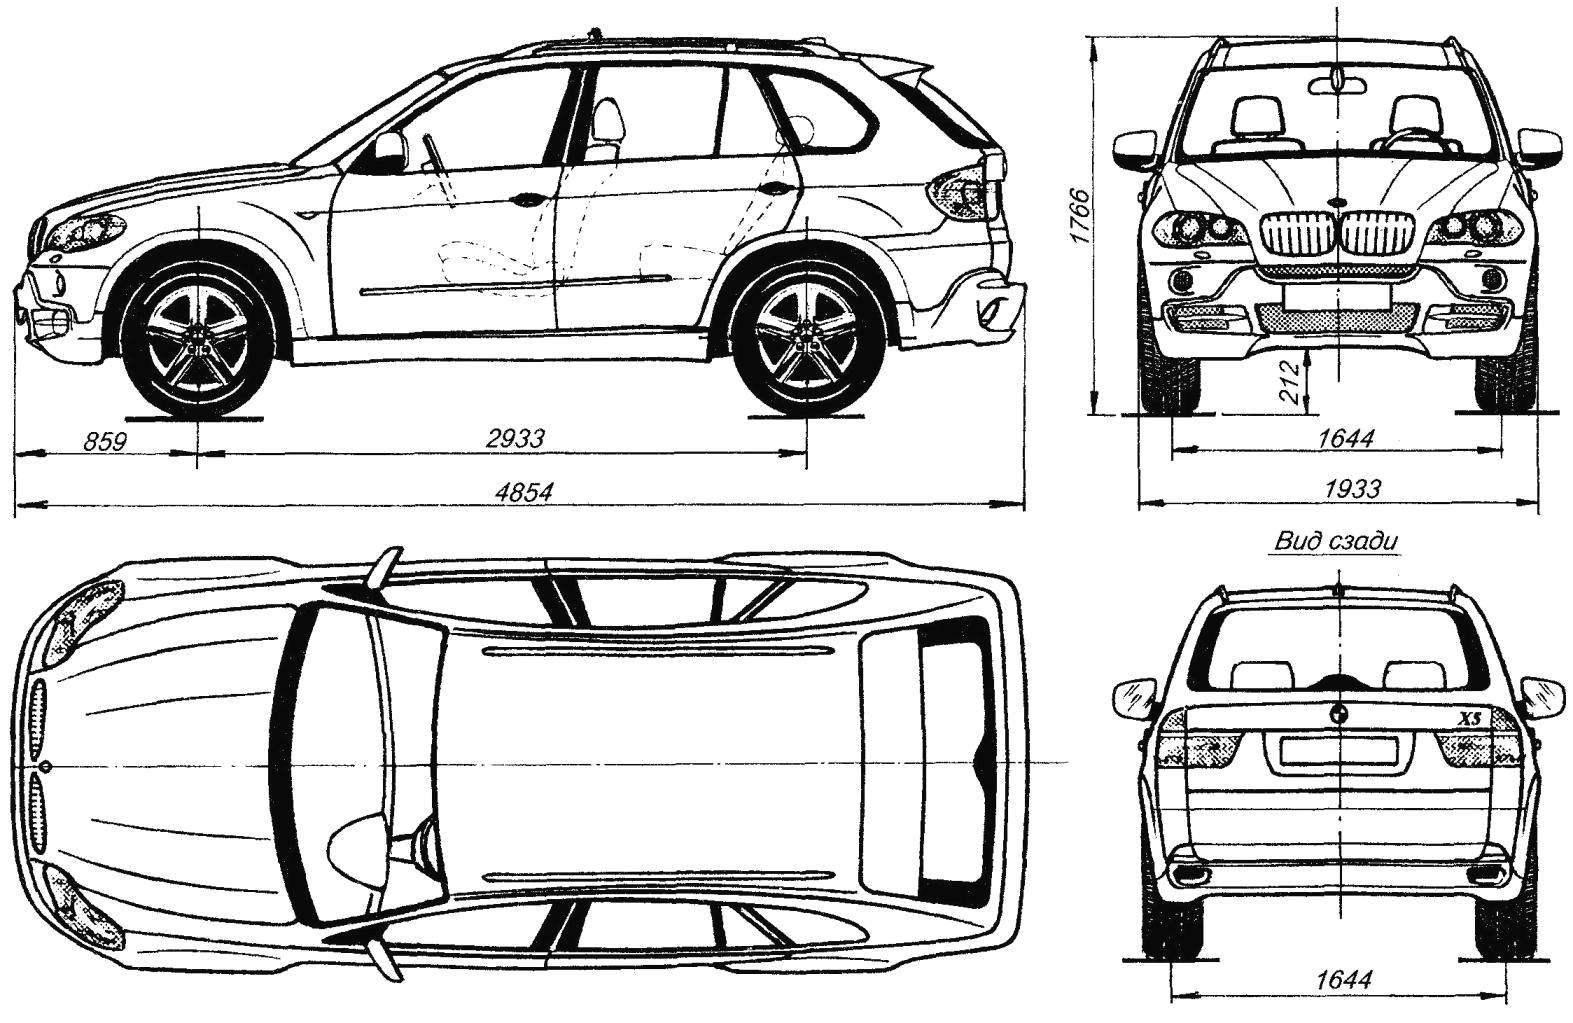 Геометрическая схема полноприводного автомобиля BMW Х5 выпуска 2006 года